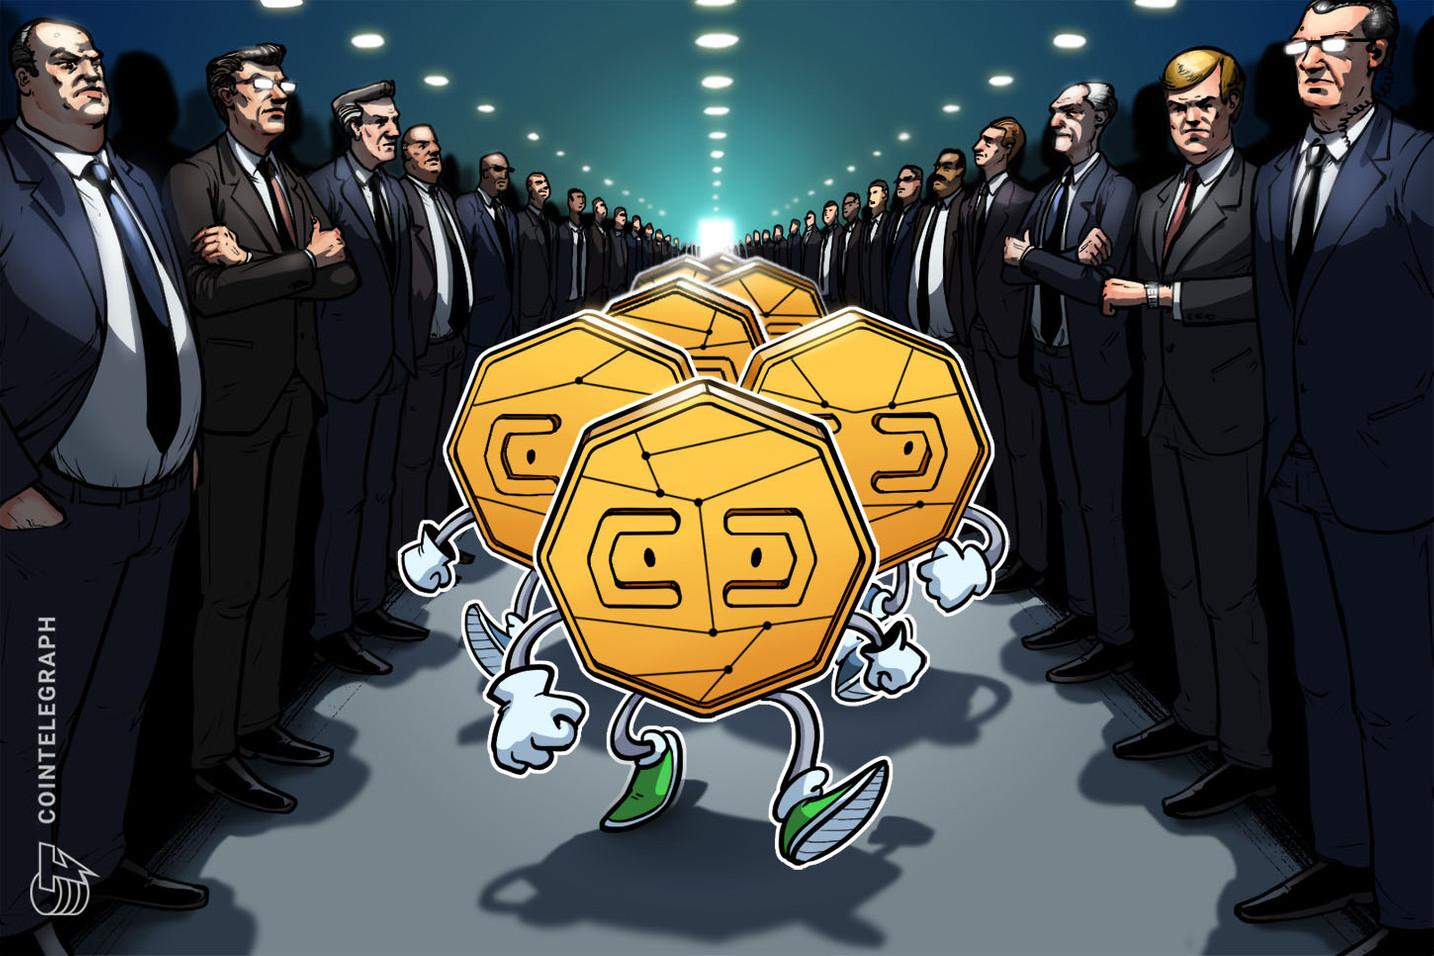 Ausência de regulamentação de criptomoedas é alarmante, afirma o regulador do mercado de ações da Itália